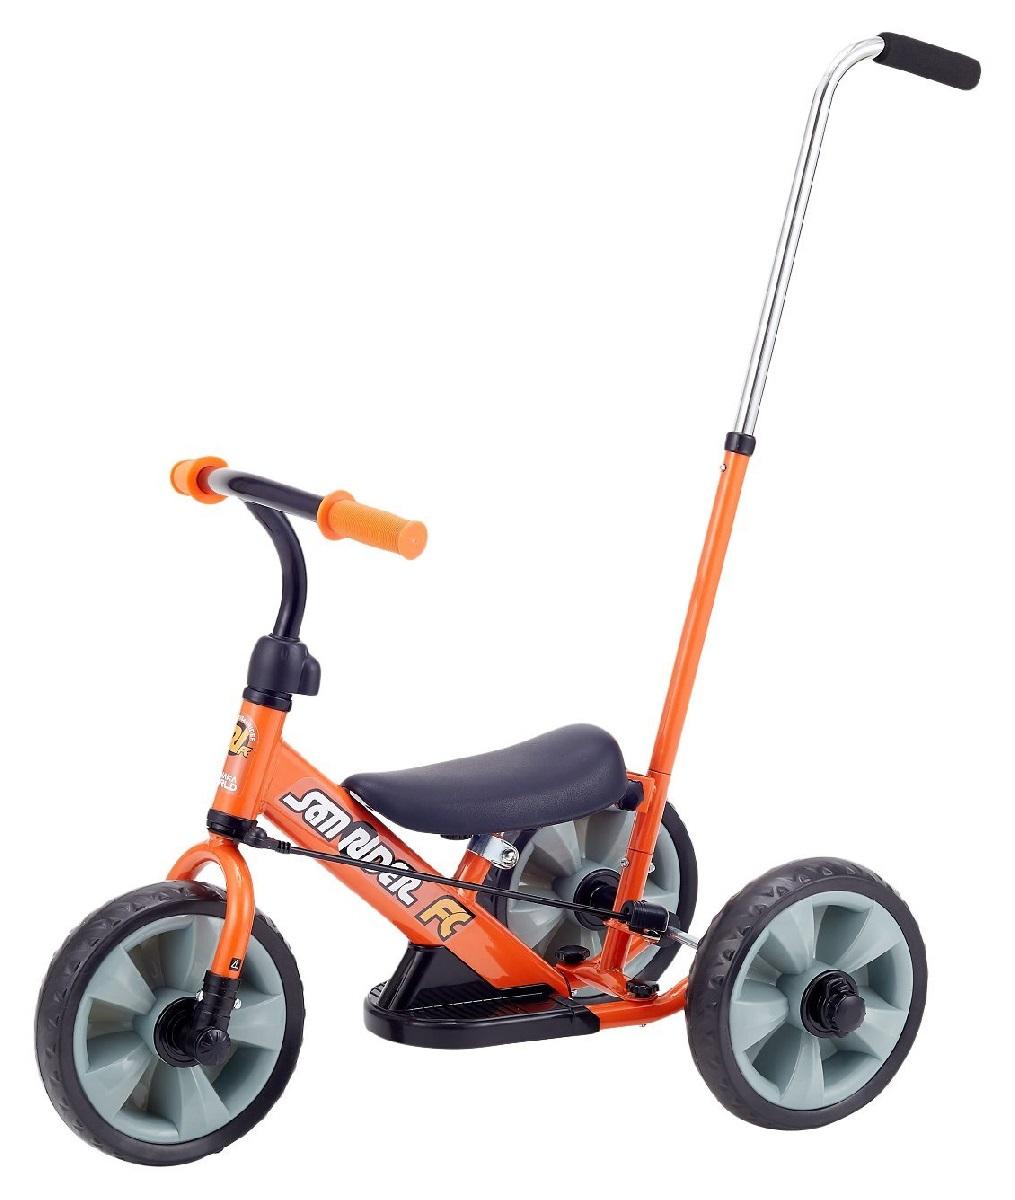 【ワールド】へんしん!サンライダーFC(3392 オレンジ) 三輪車/おもちゃ/バースデープレゼント